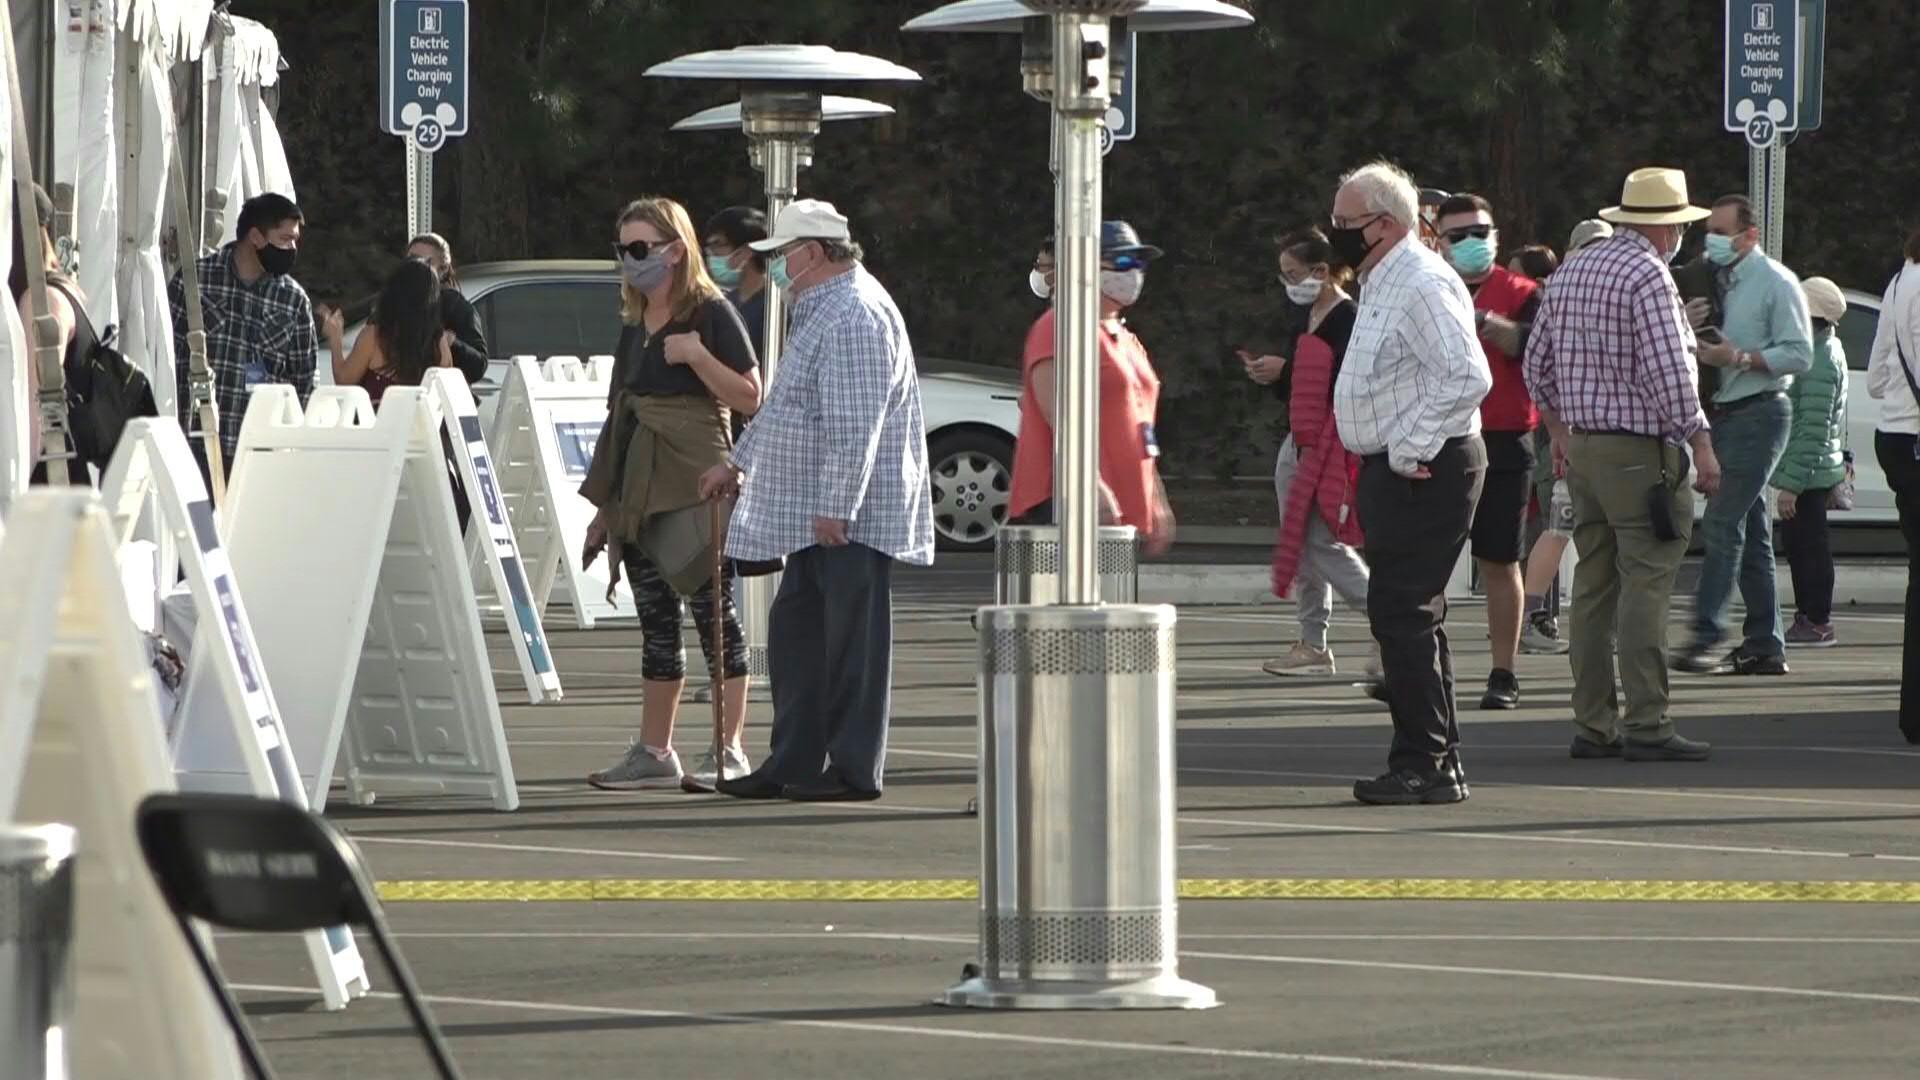 VIDEO | Disneyland abre enorme centro de vacunación contra el Covid-19